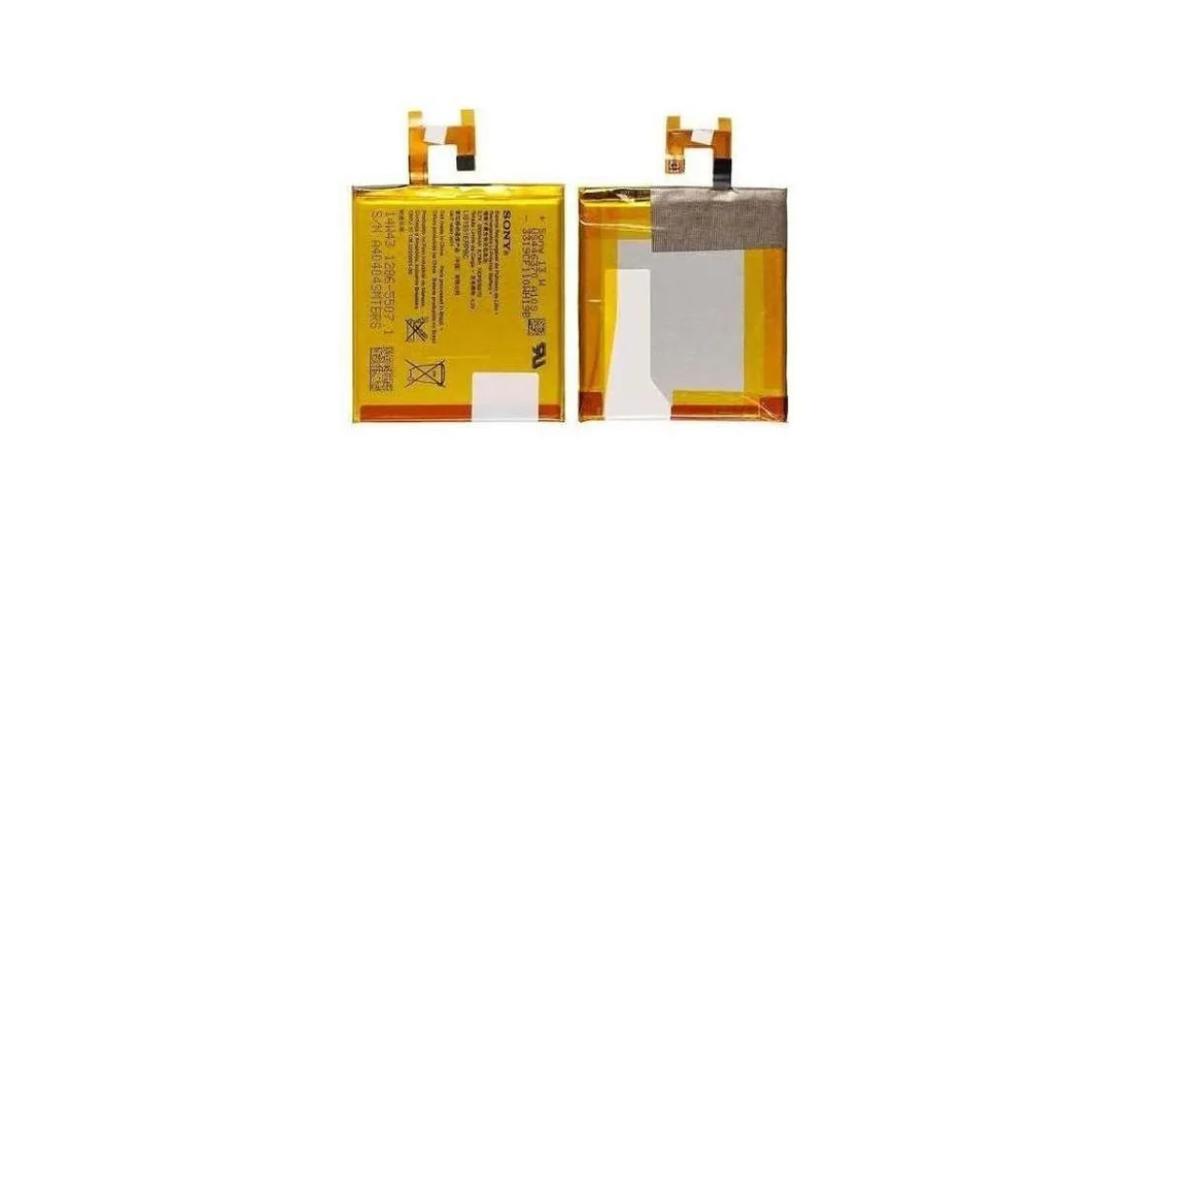 BATERIA SONY XPERIA C S39H C2305 3T LIS1551ERPBC RETIRADA